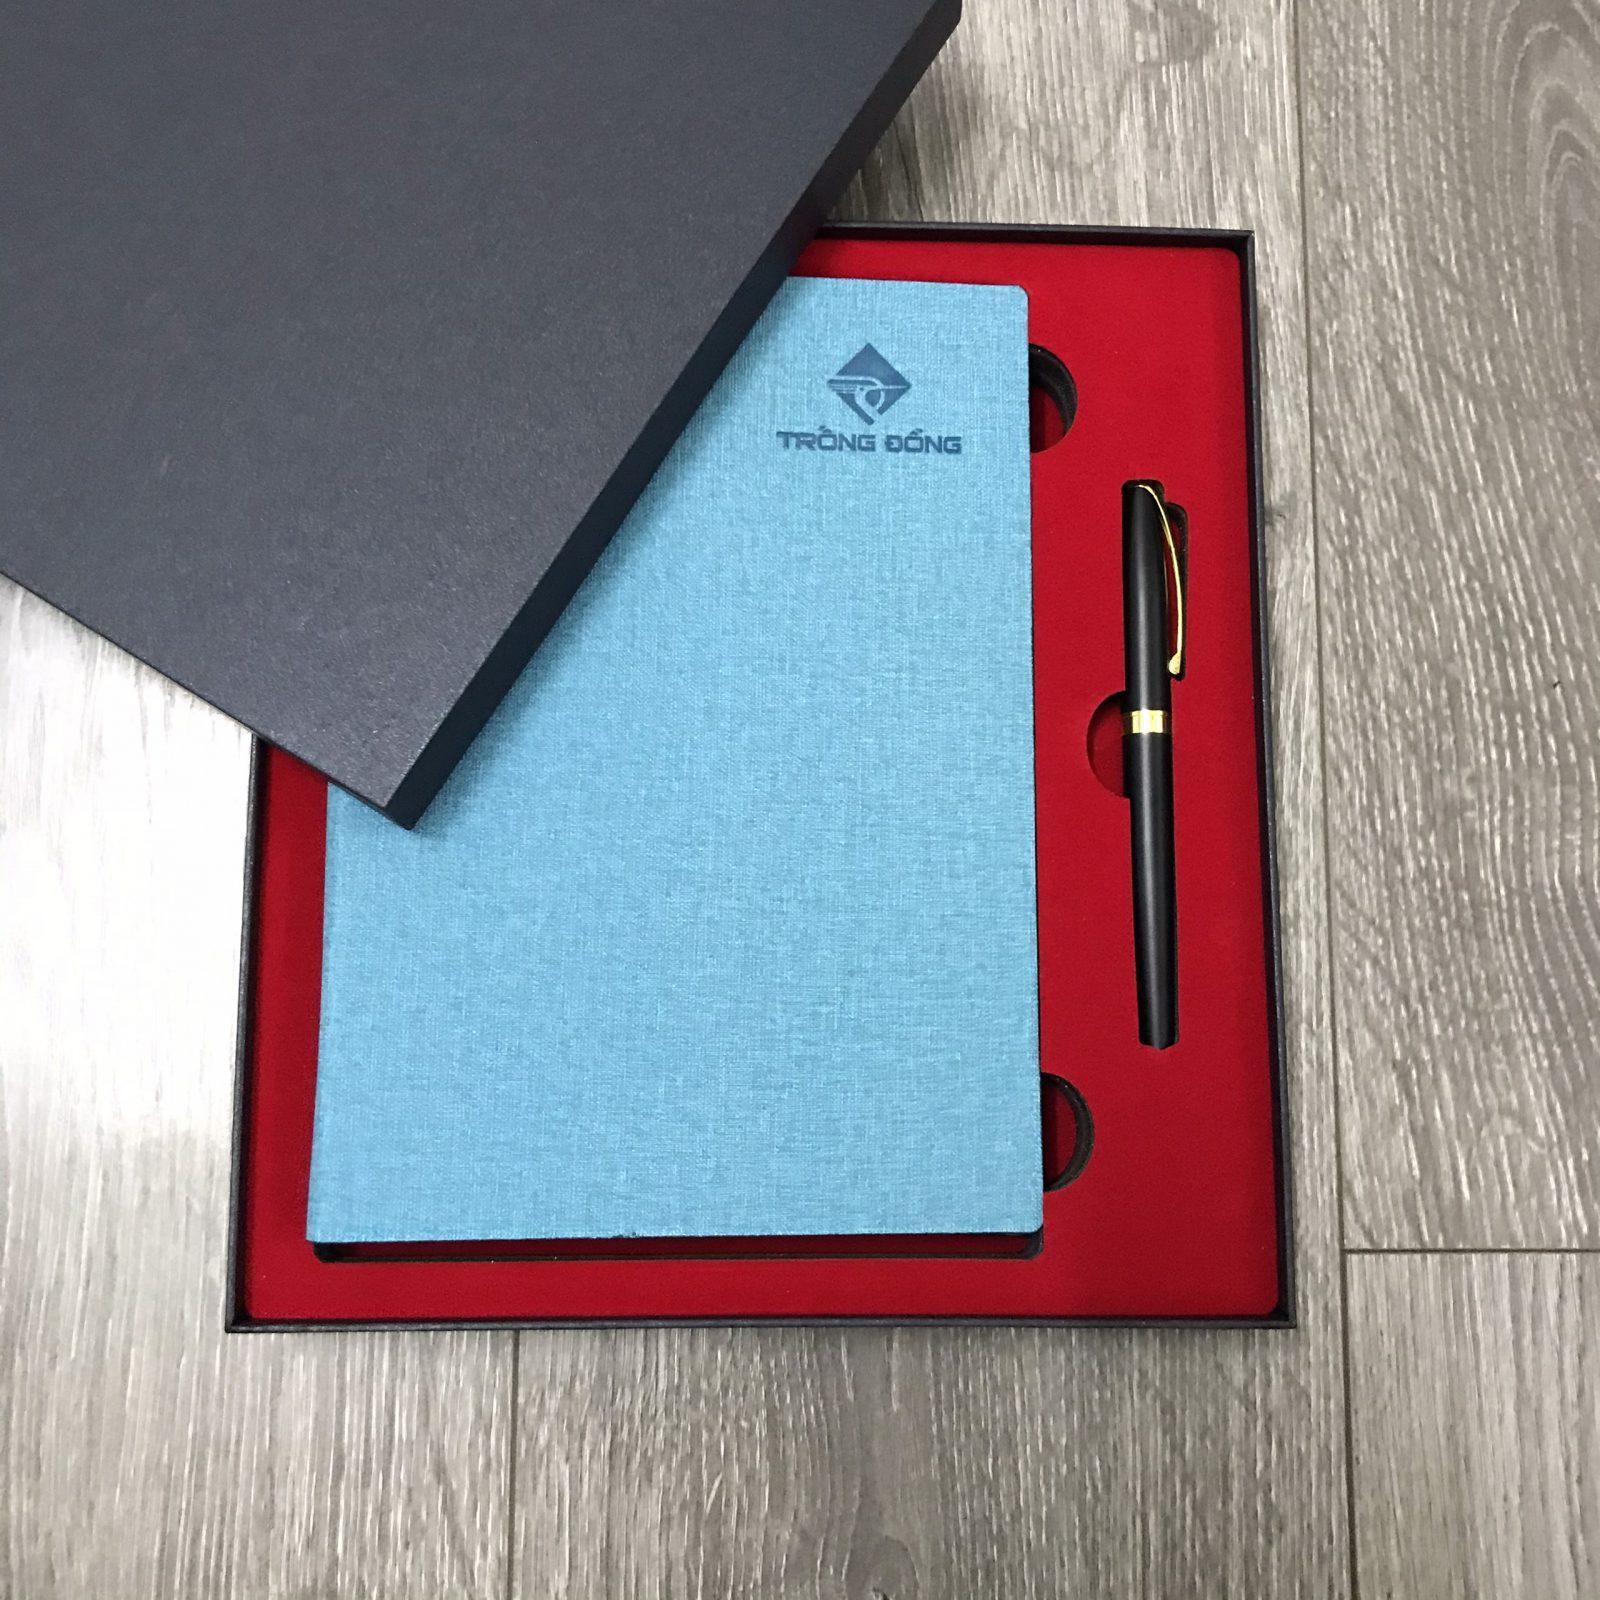 Bộ combo sổ da bìa còng xanh ngọc và bút kim loại BK22